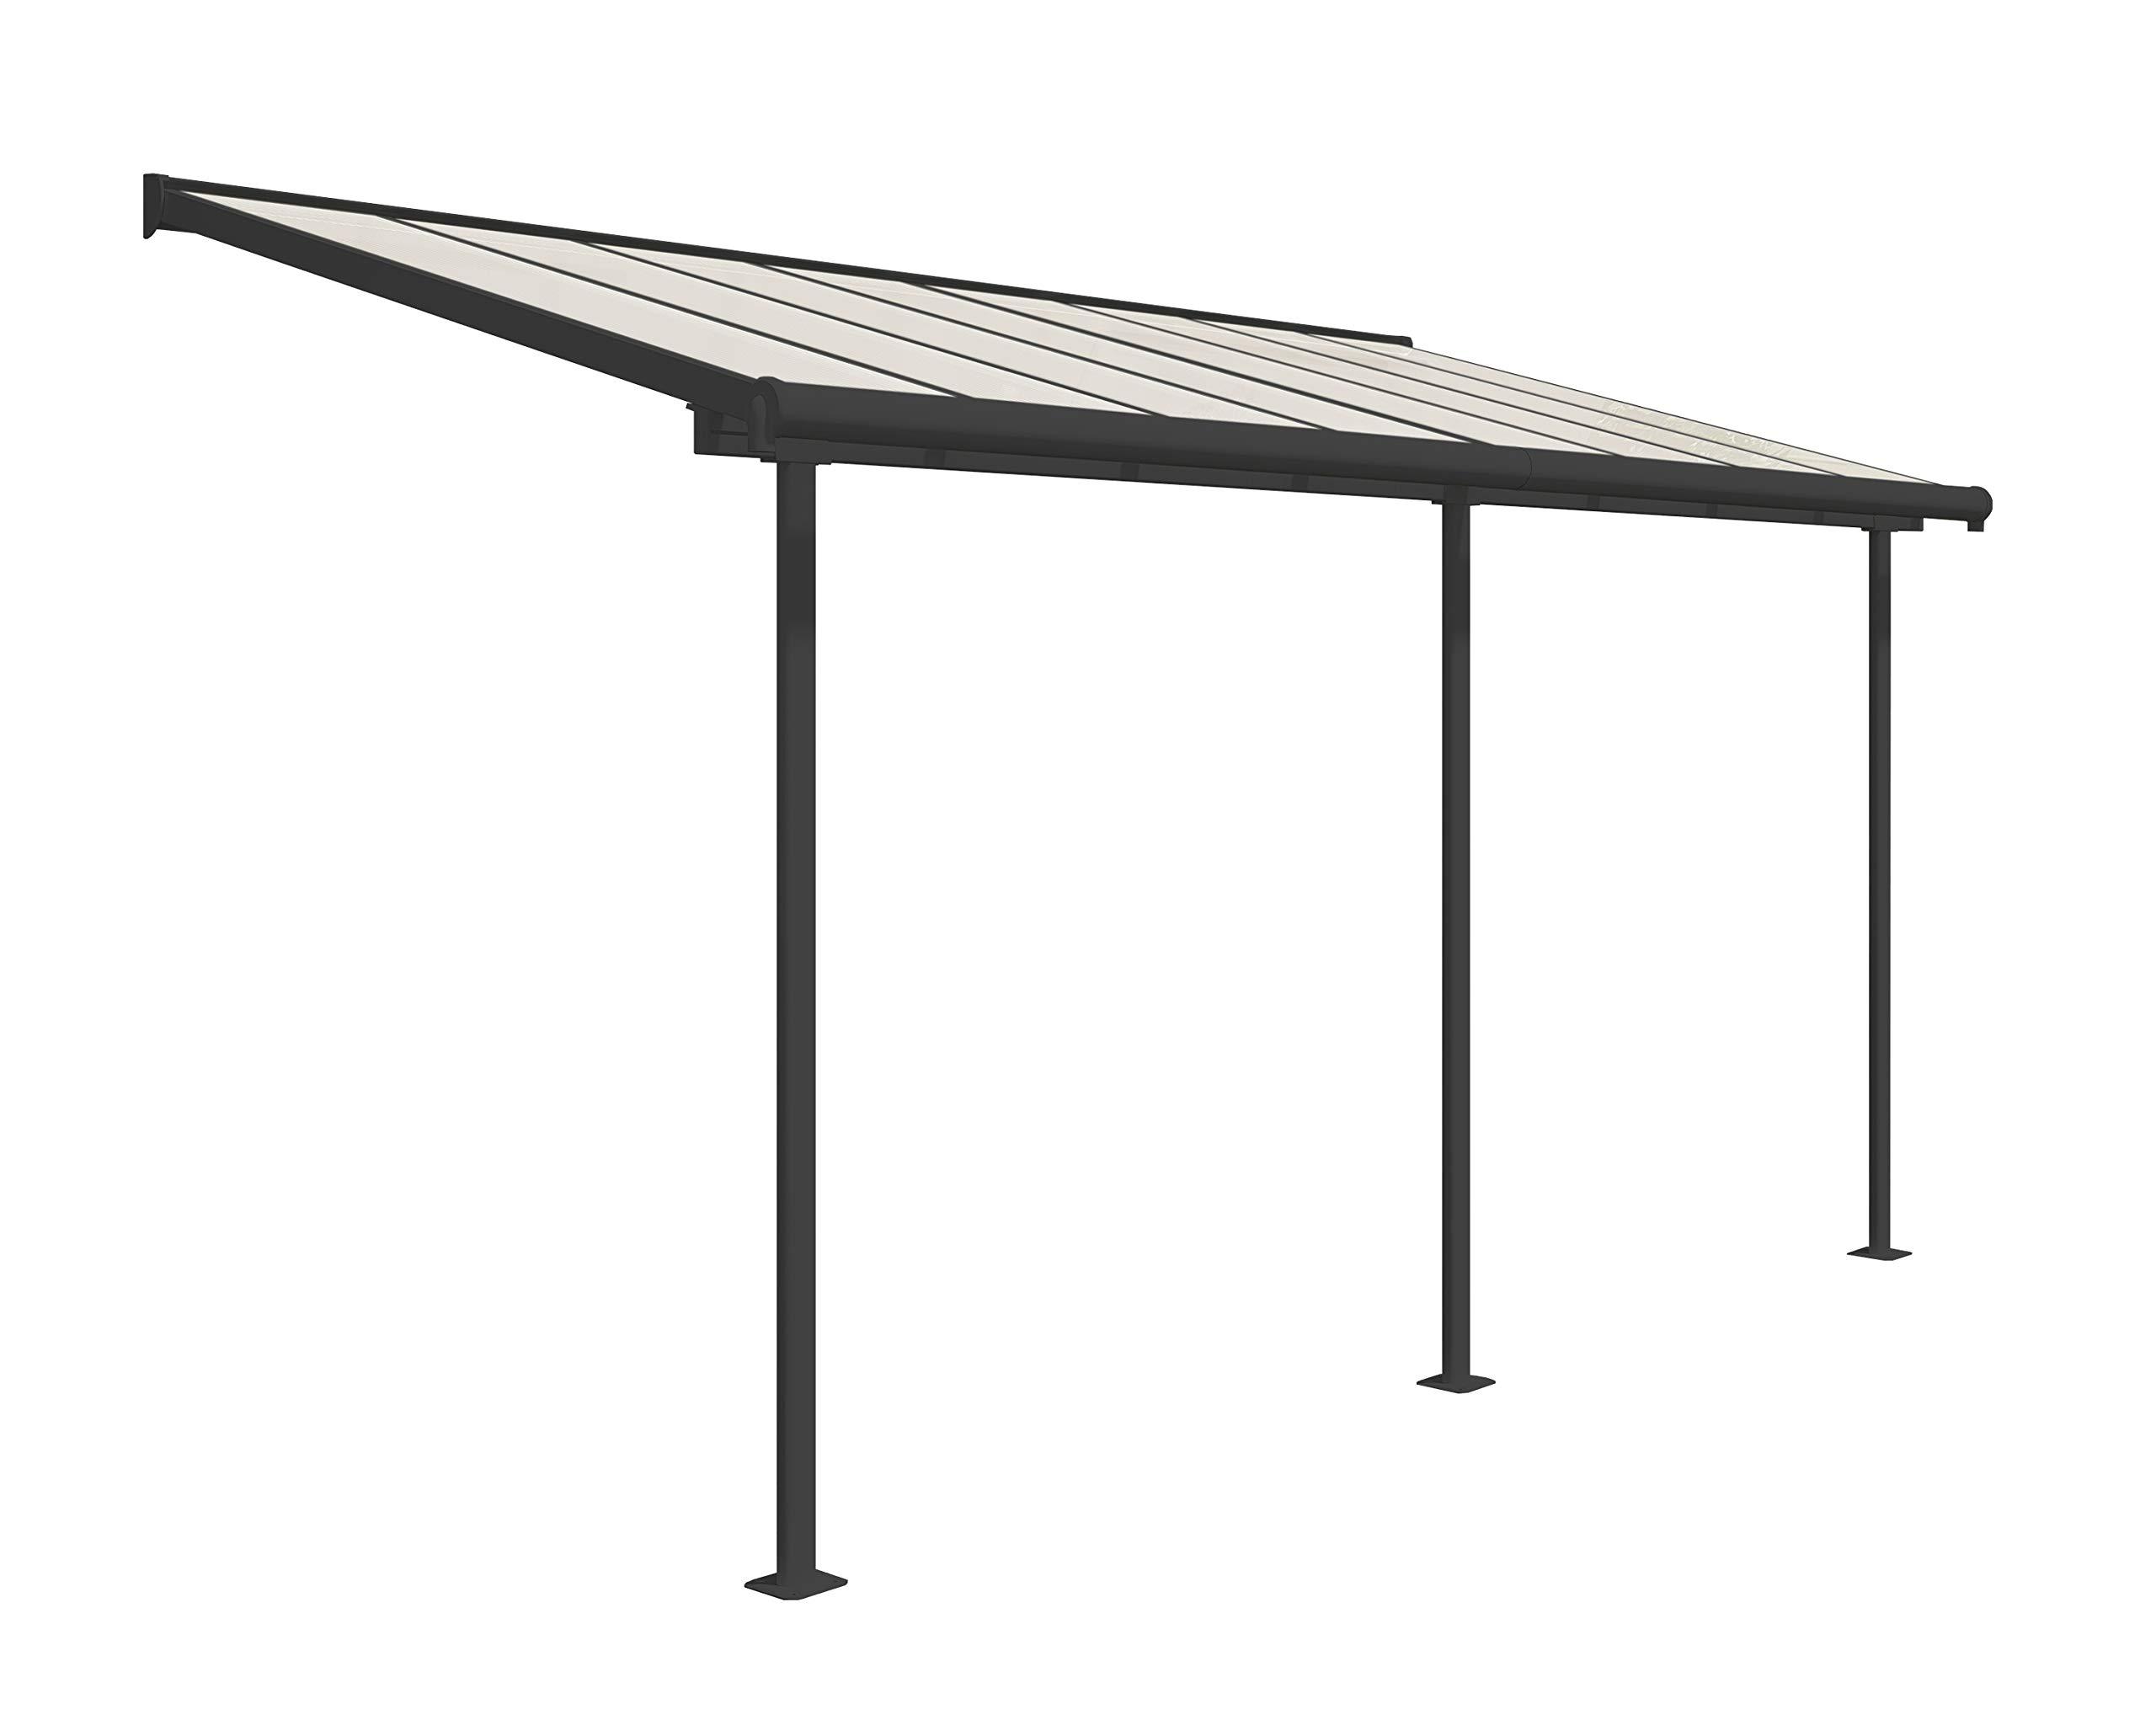 Palram Cubierta de aluminio de alta calidad para terraza, balcón, terraza, 230 x 447 cm (profundidad x ancho), color gris: Amazon.es: Jardín